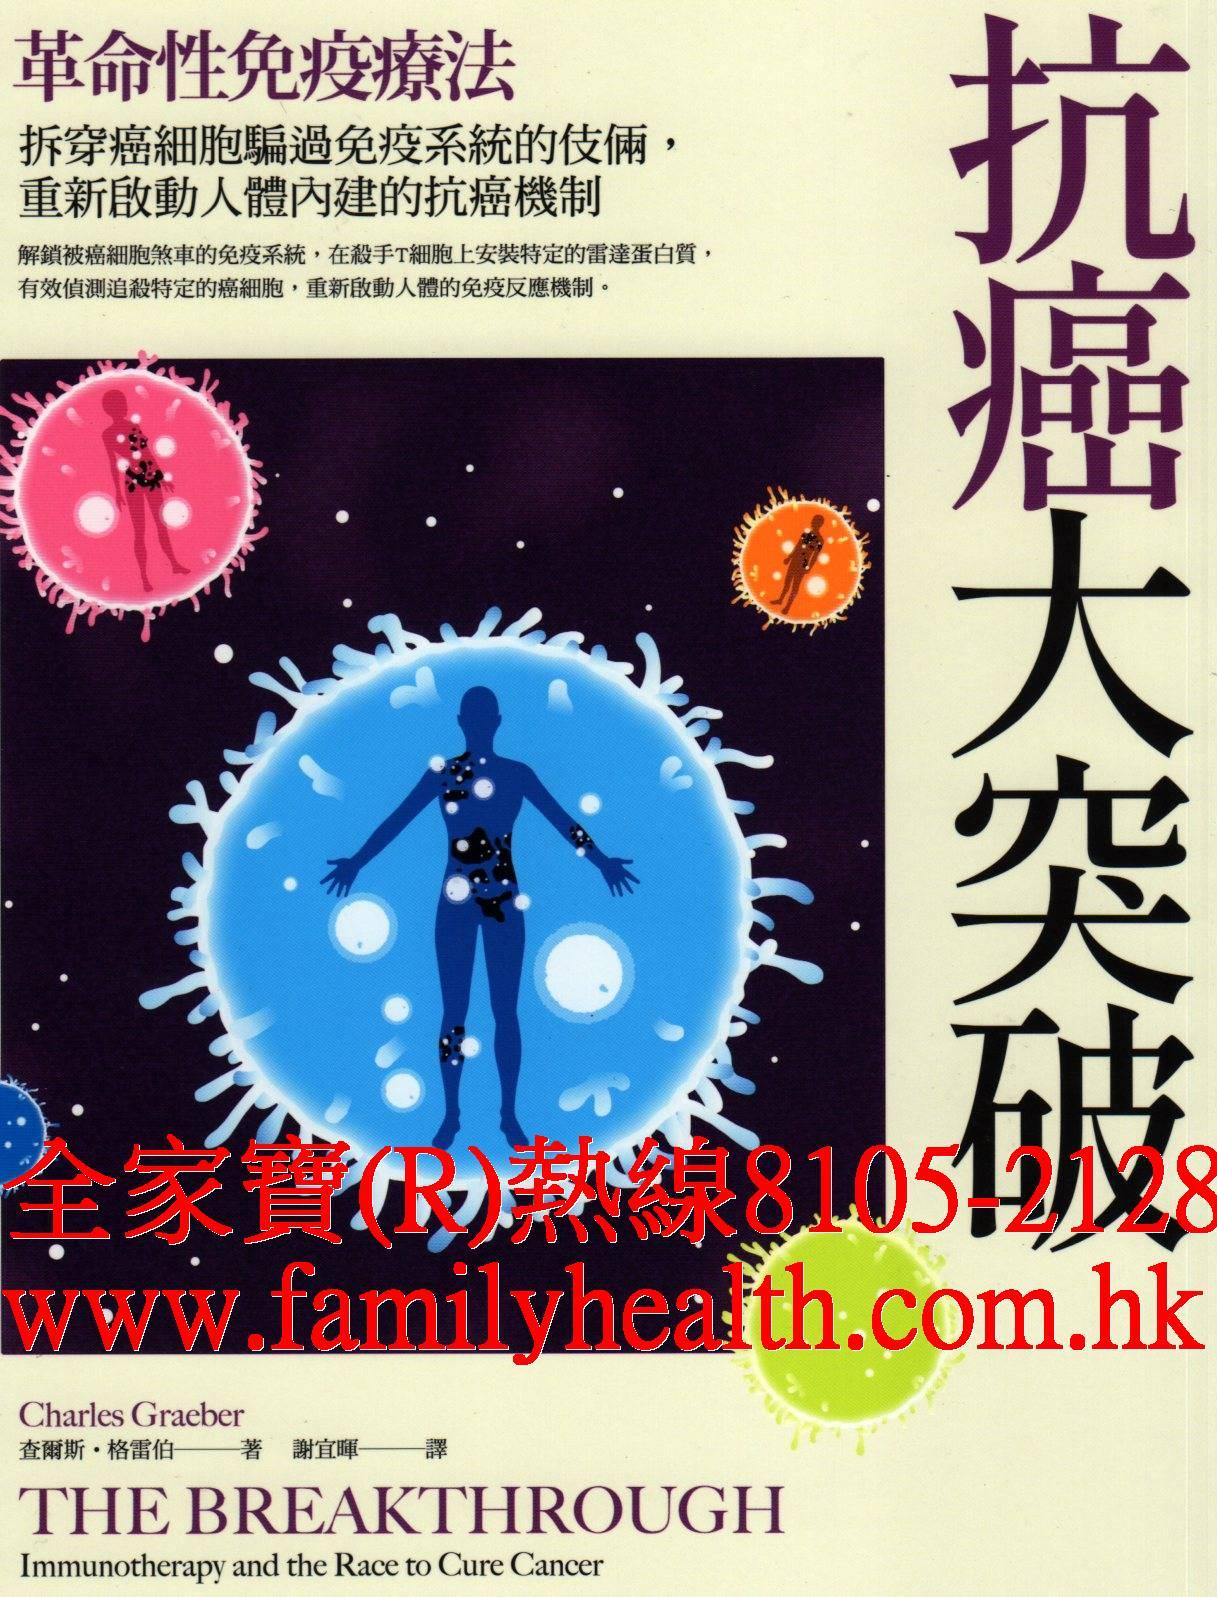 http://www.familyhealth.com.hk/files/full/1102_1.jpg